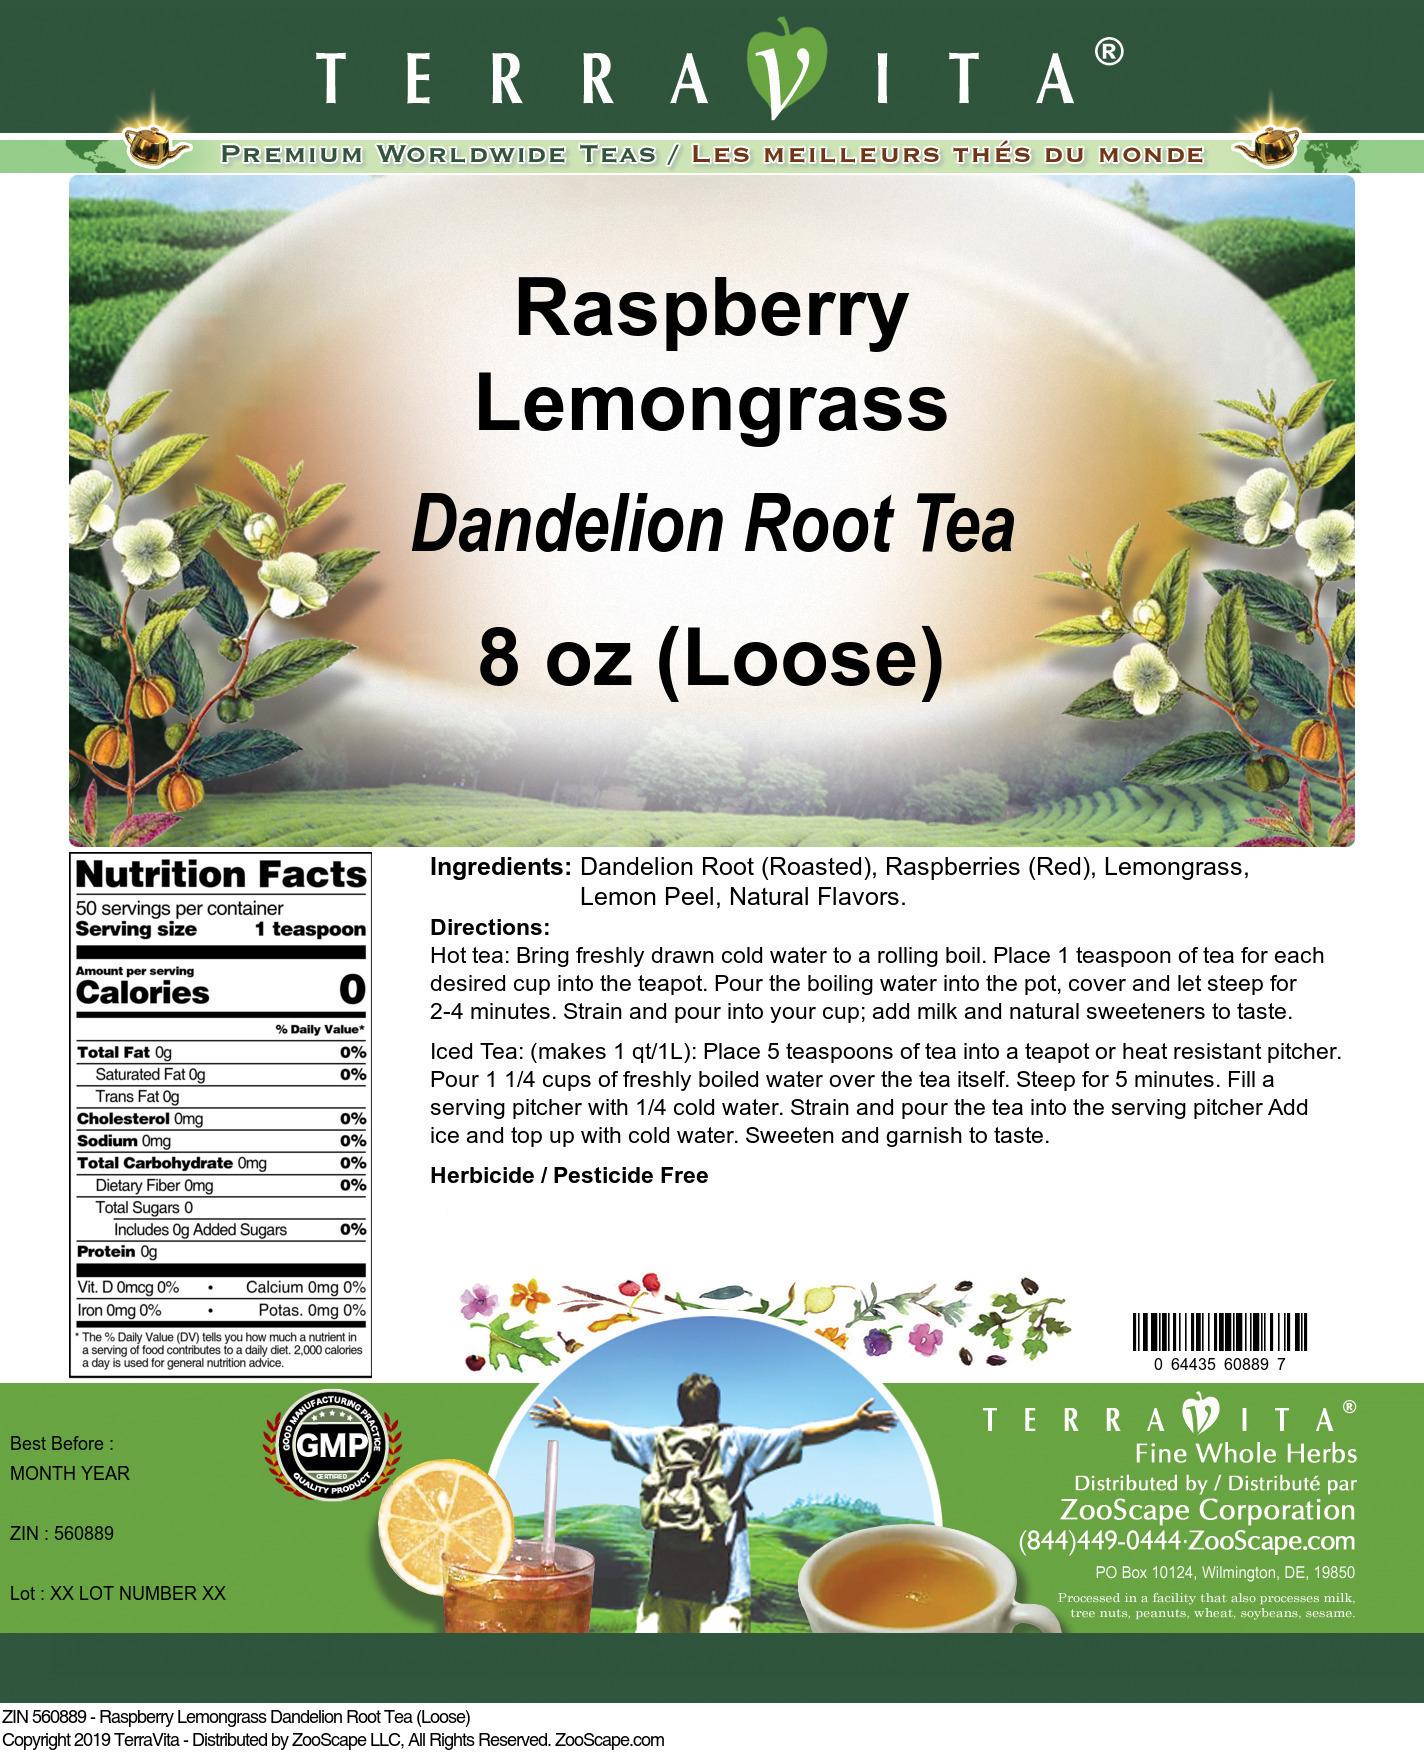 Raspberry Lemongrass Dandelion Root